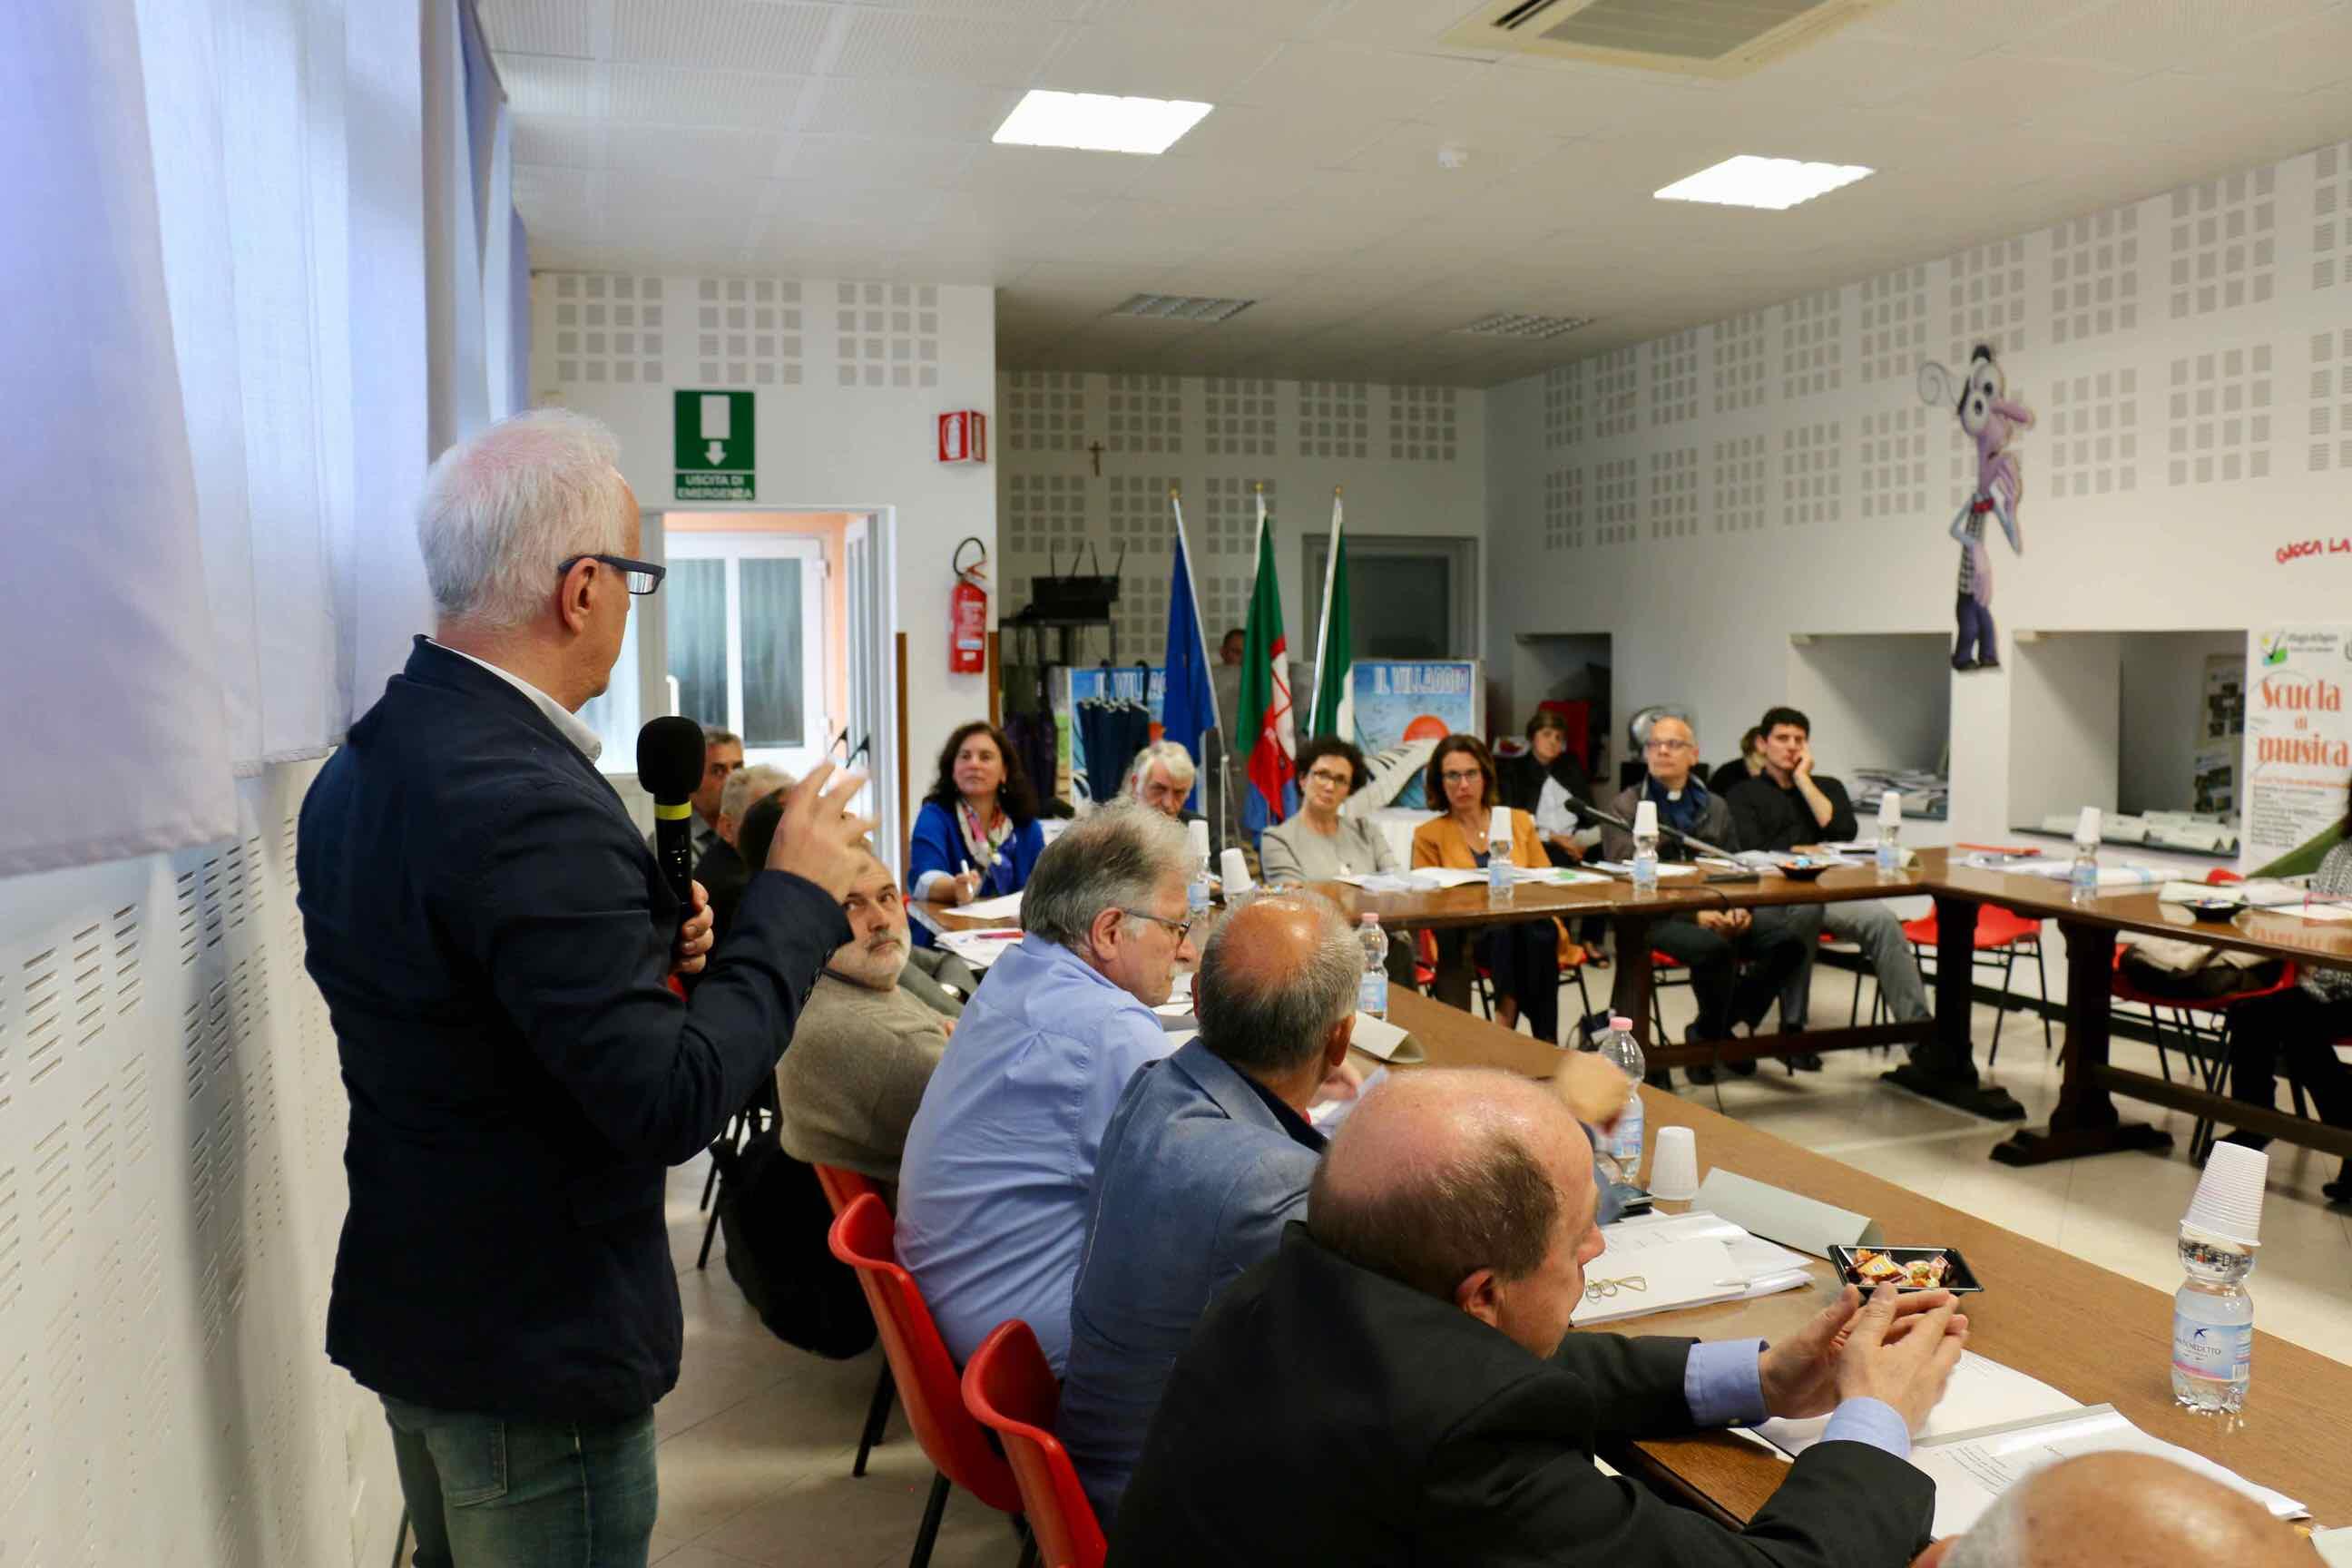 Riunione 2018 Centro Formazione Integrata Villaggio del Ragazzo - 7